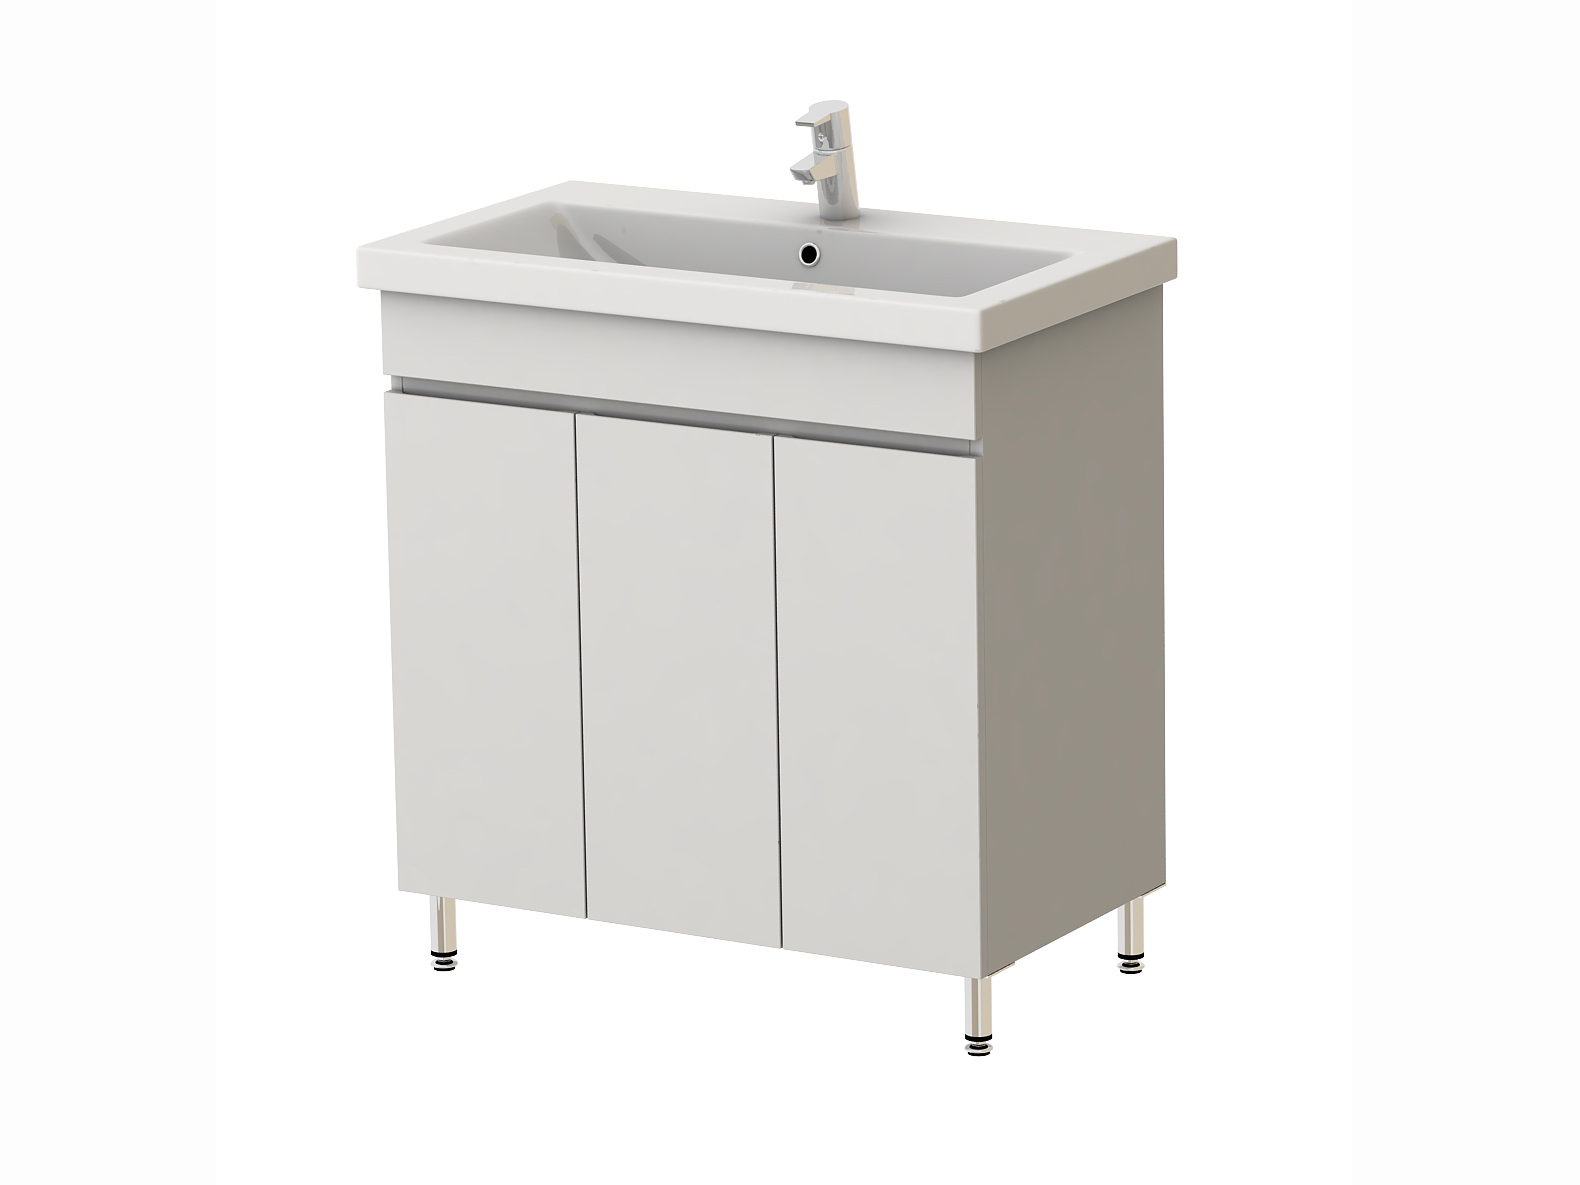 Kúpeľňová skrinka s umývadlom Juventa Ariadna Ar3-80 W